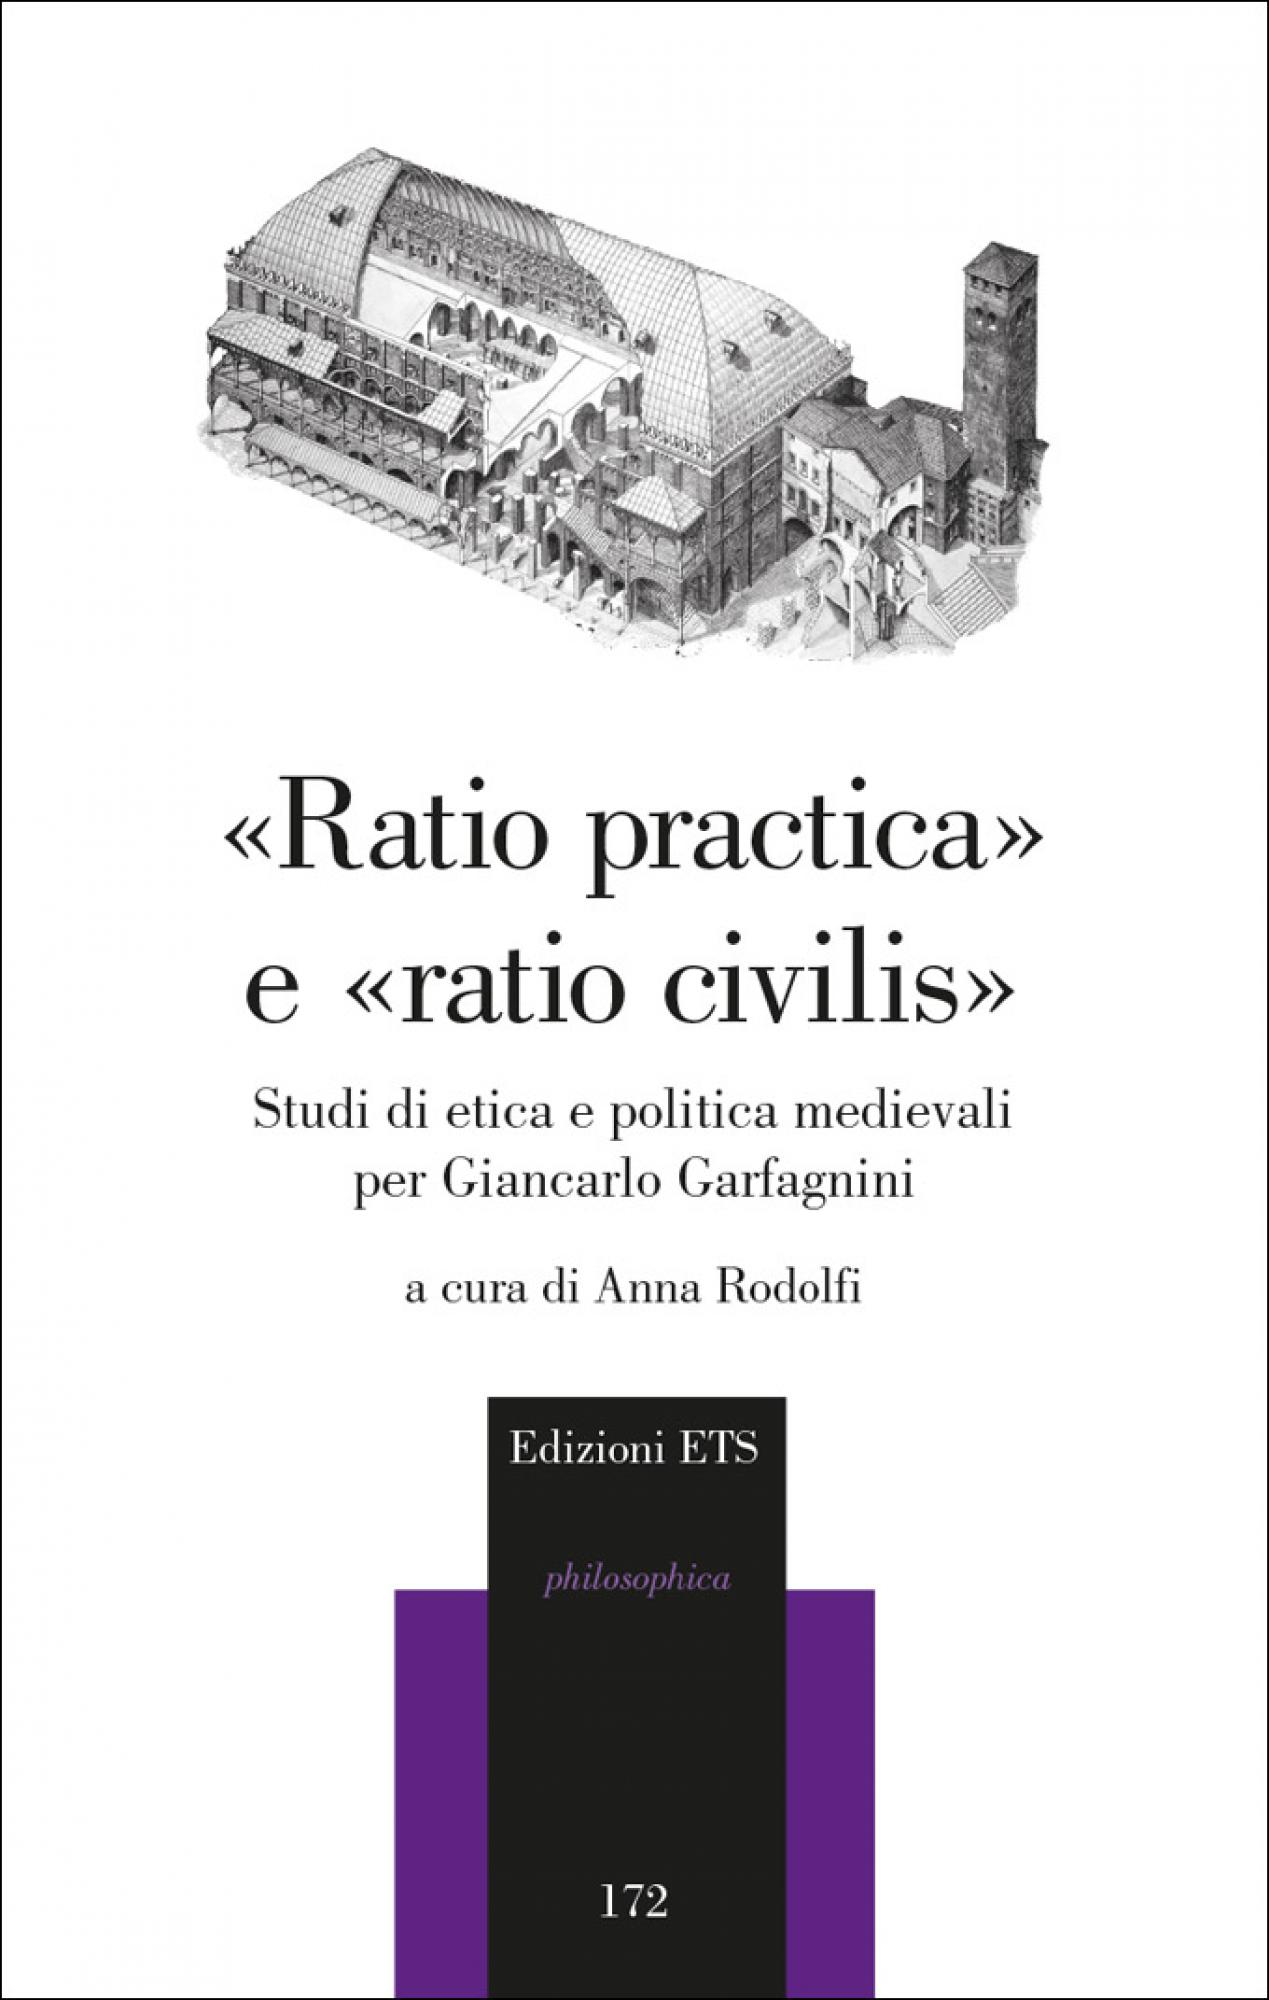 «Ratio practica» e «ratio civilis».Studi di etica e politica medievali per Giancarlo Garfagnini